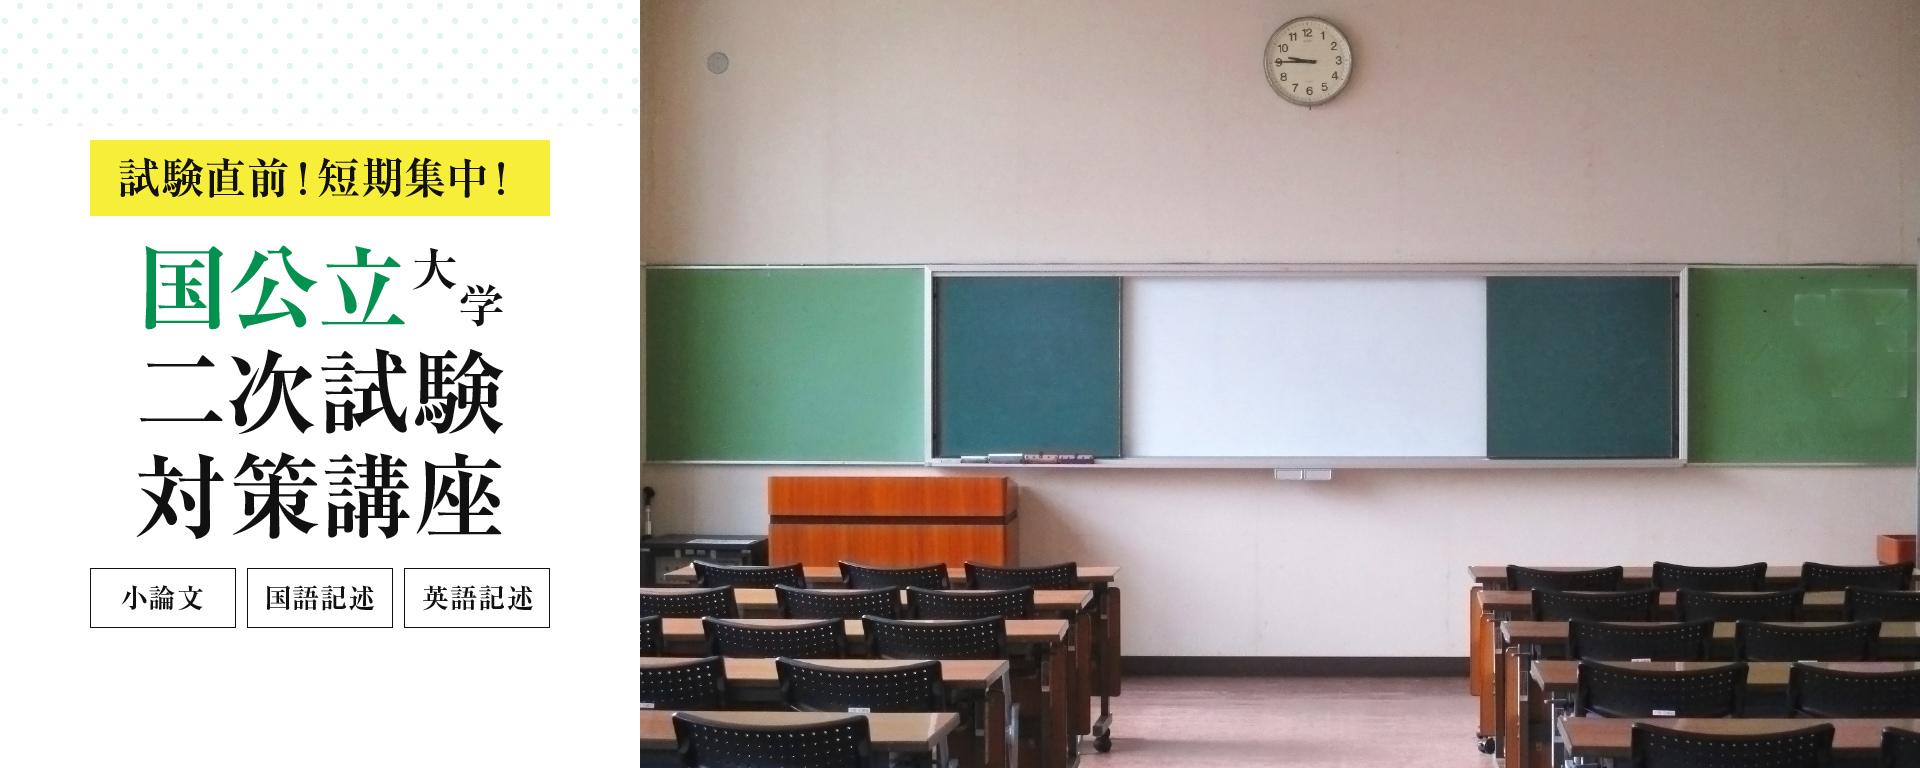 試験直前!短期集中!国公立大学二次試験対策